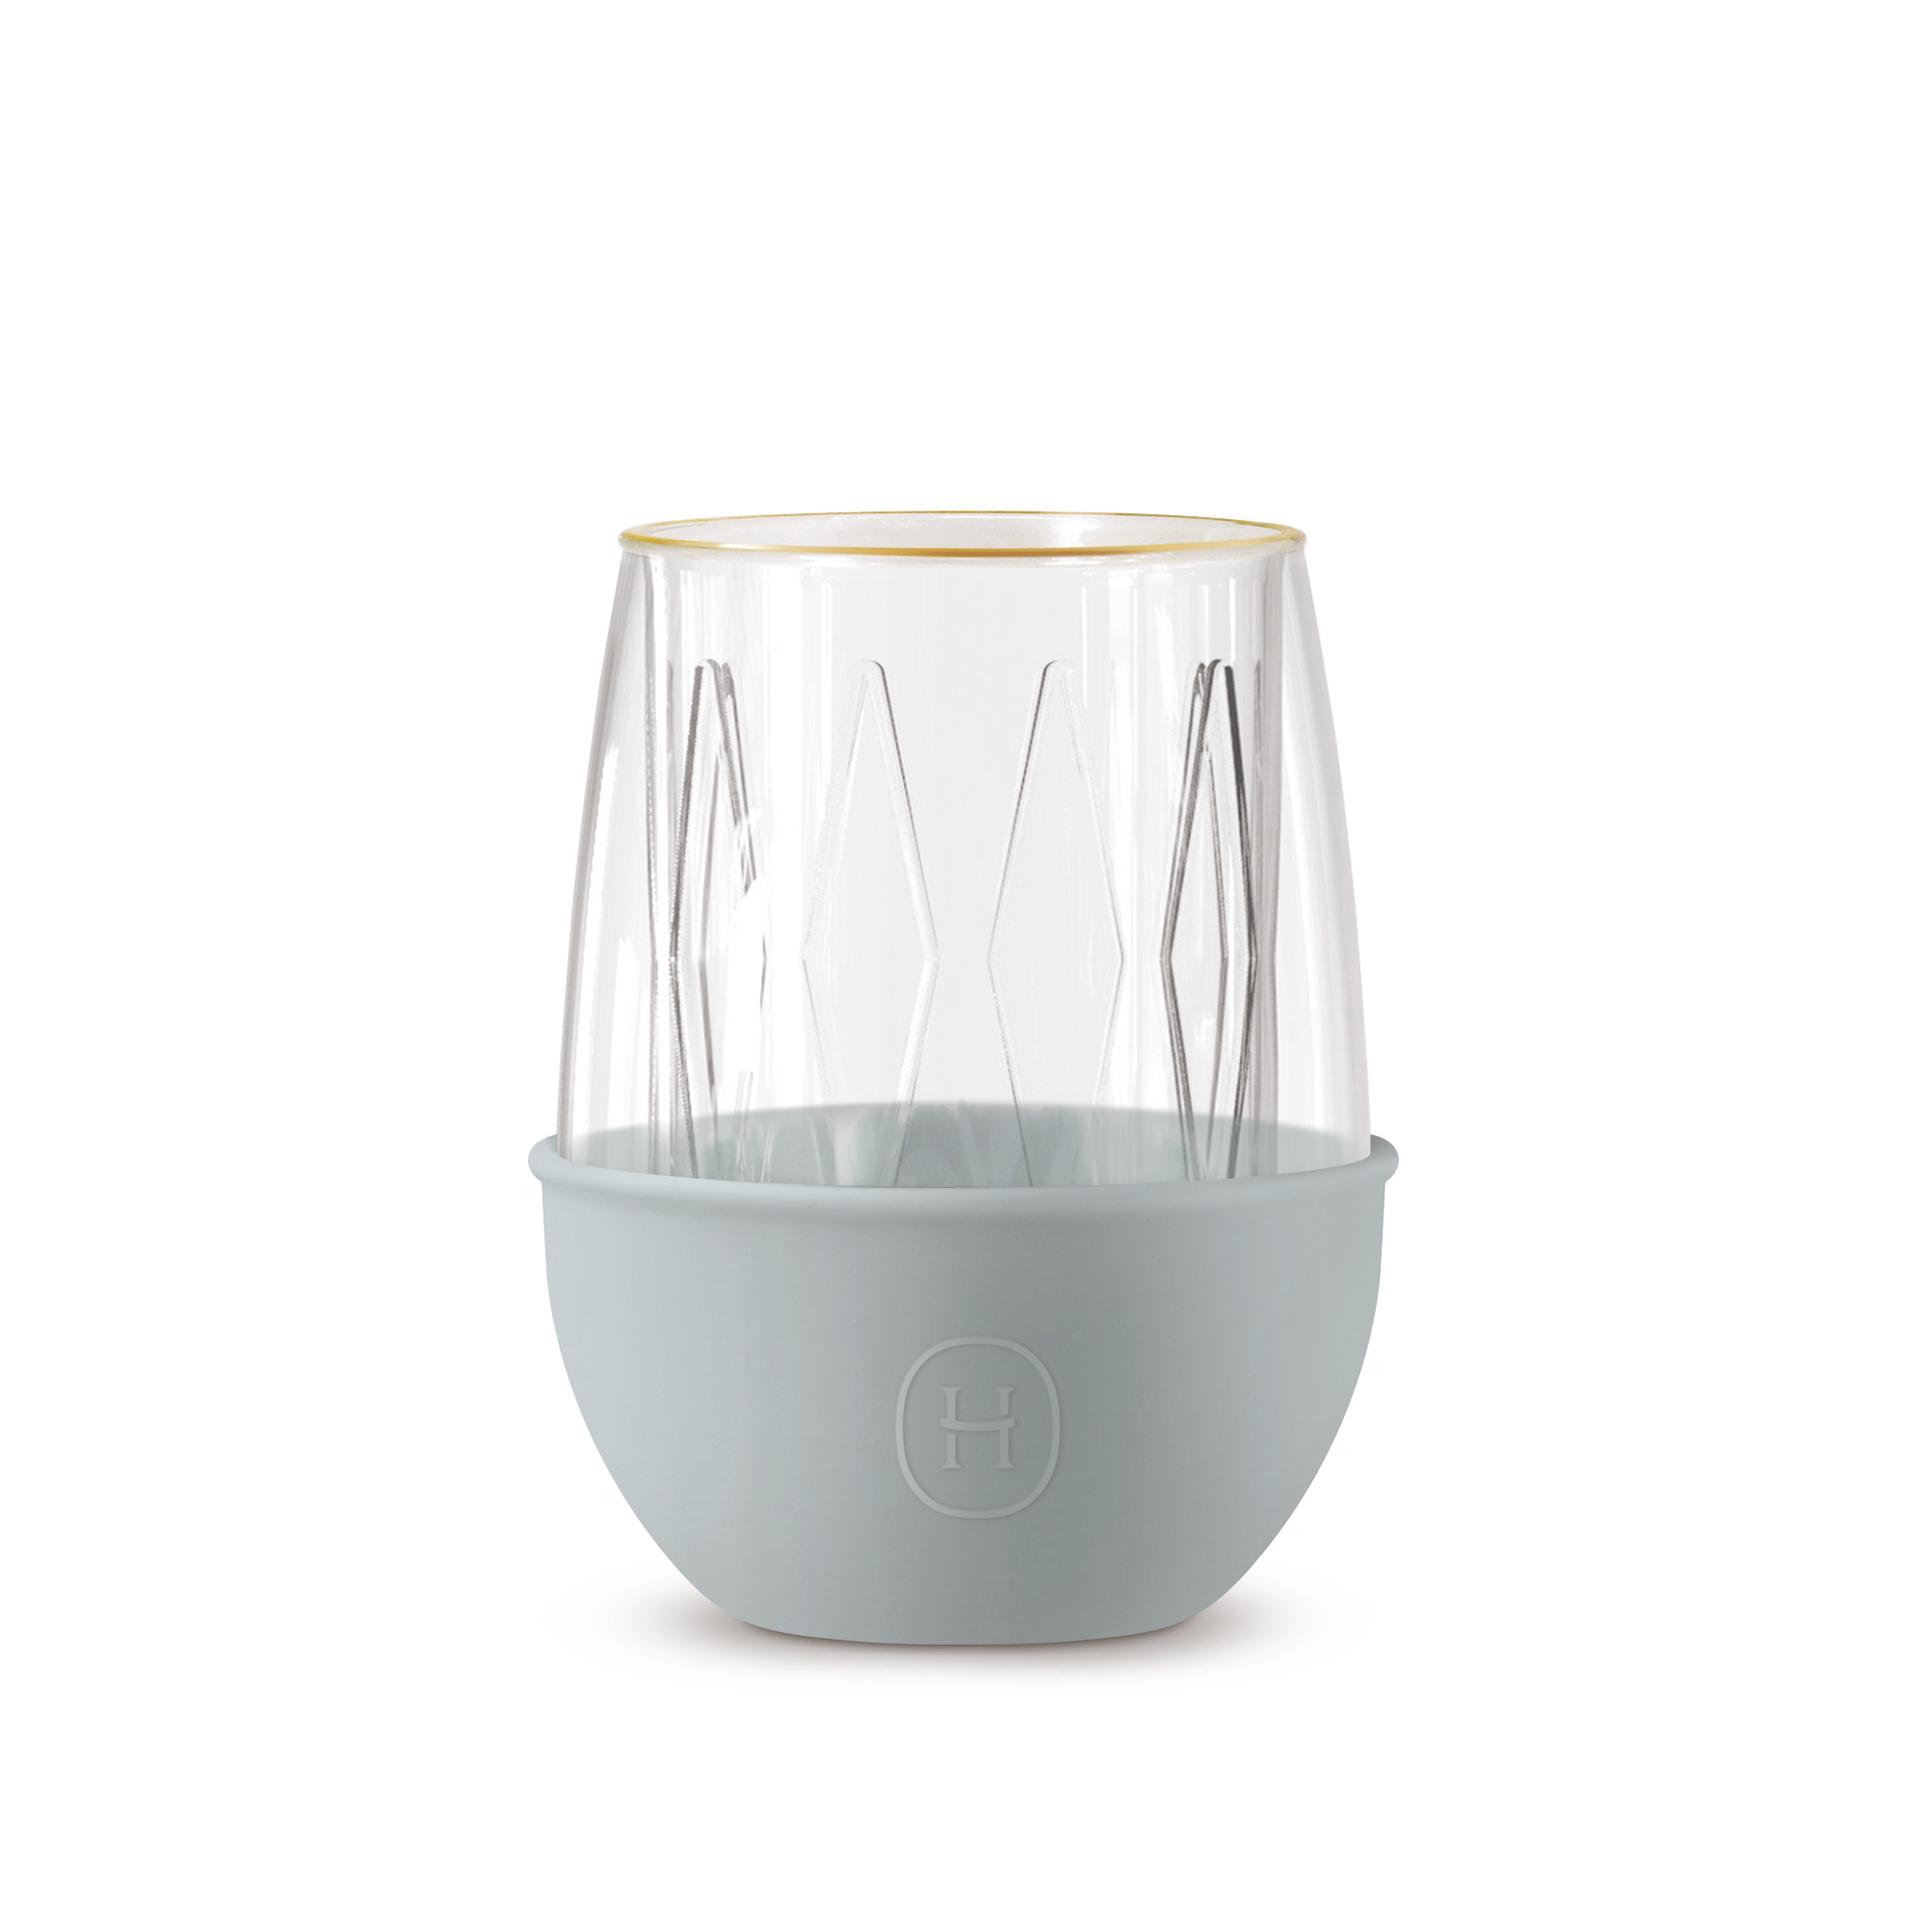 美國 HYDY LUCIDO 雙層玻璃 蛋型杯 菱格紋杯 (積雲) 240ml